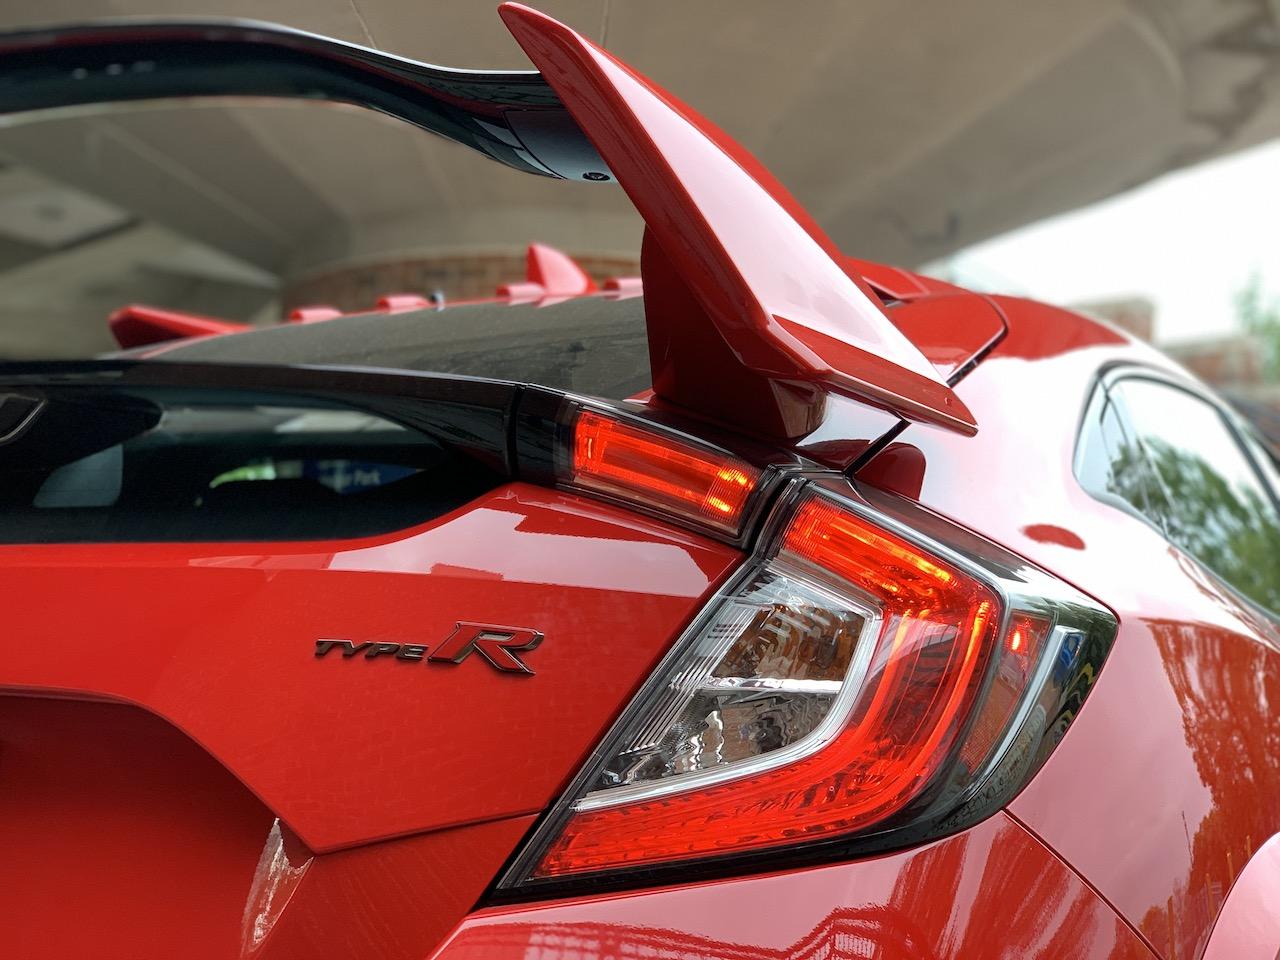 2020 Honda Civic Type-R red